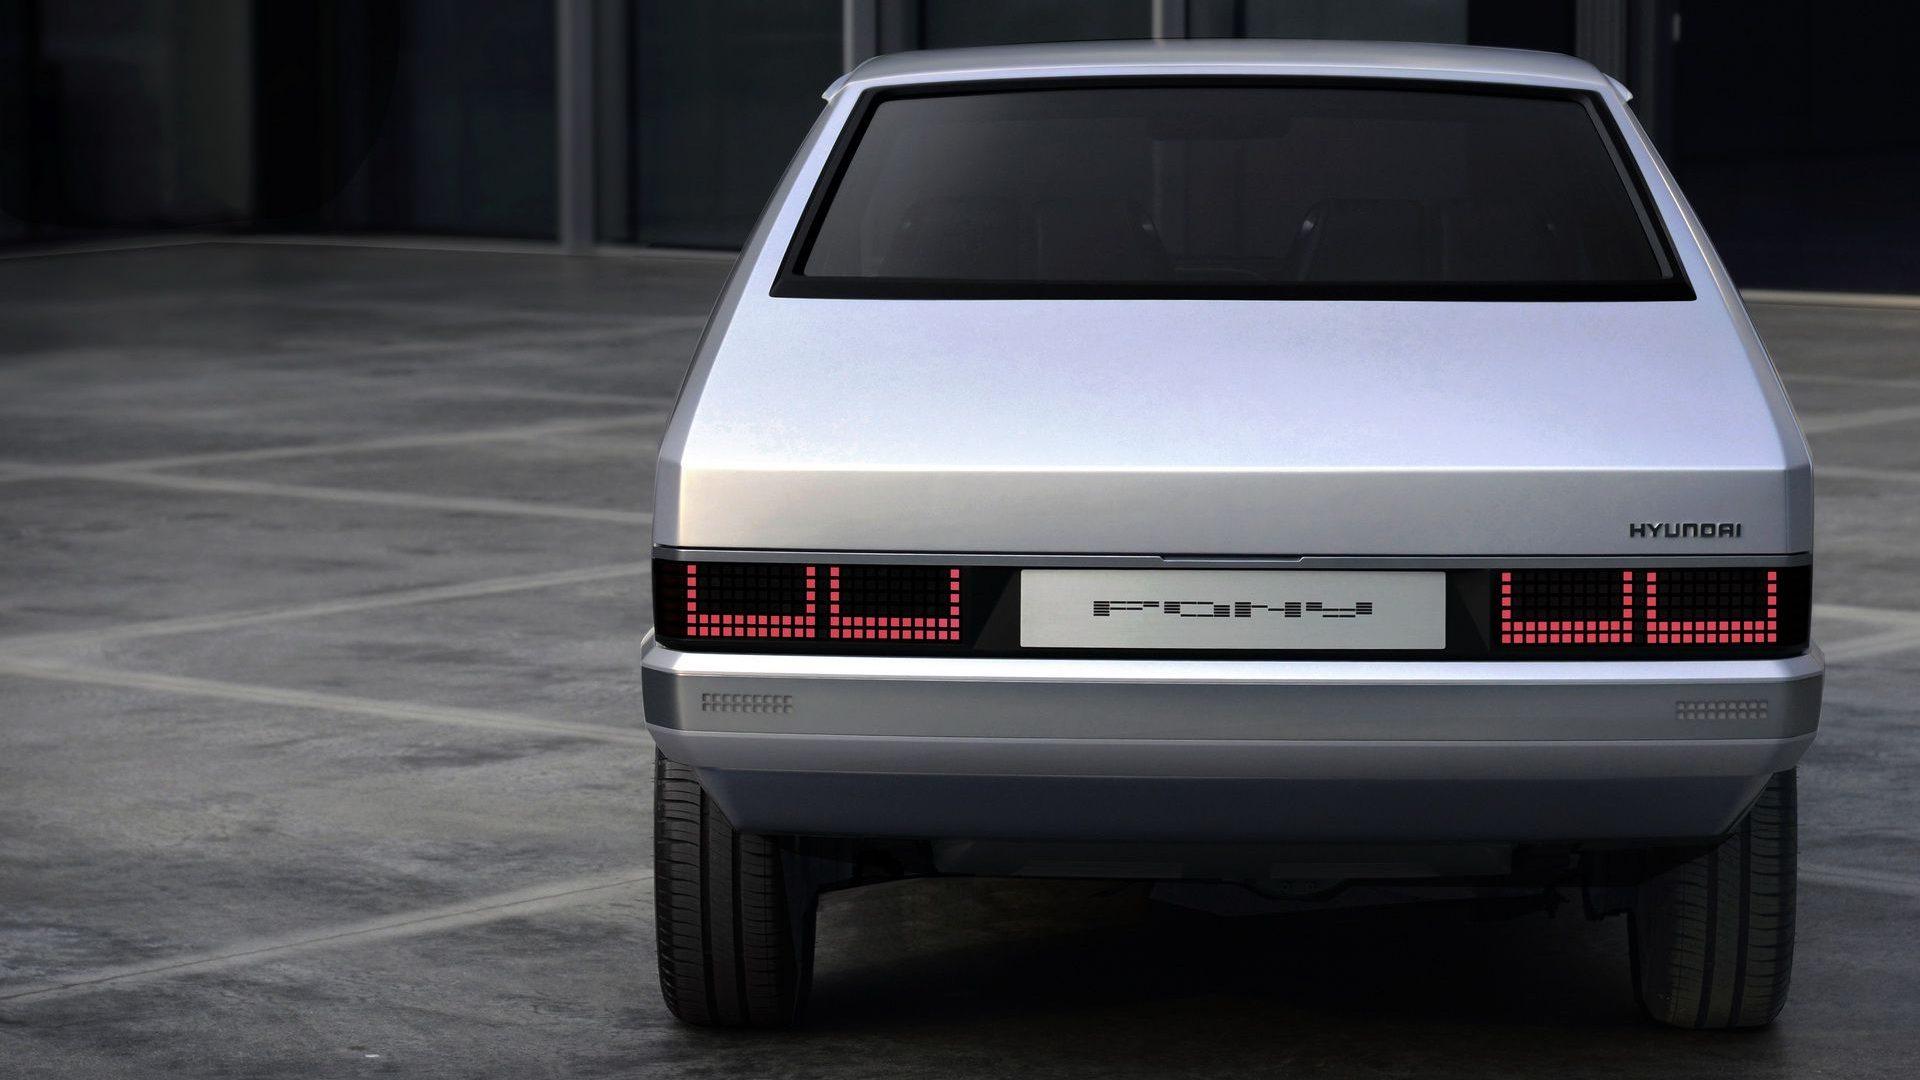 2021-Hyundai-Pony-EV-Show-Car-07